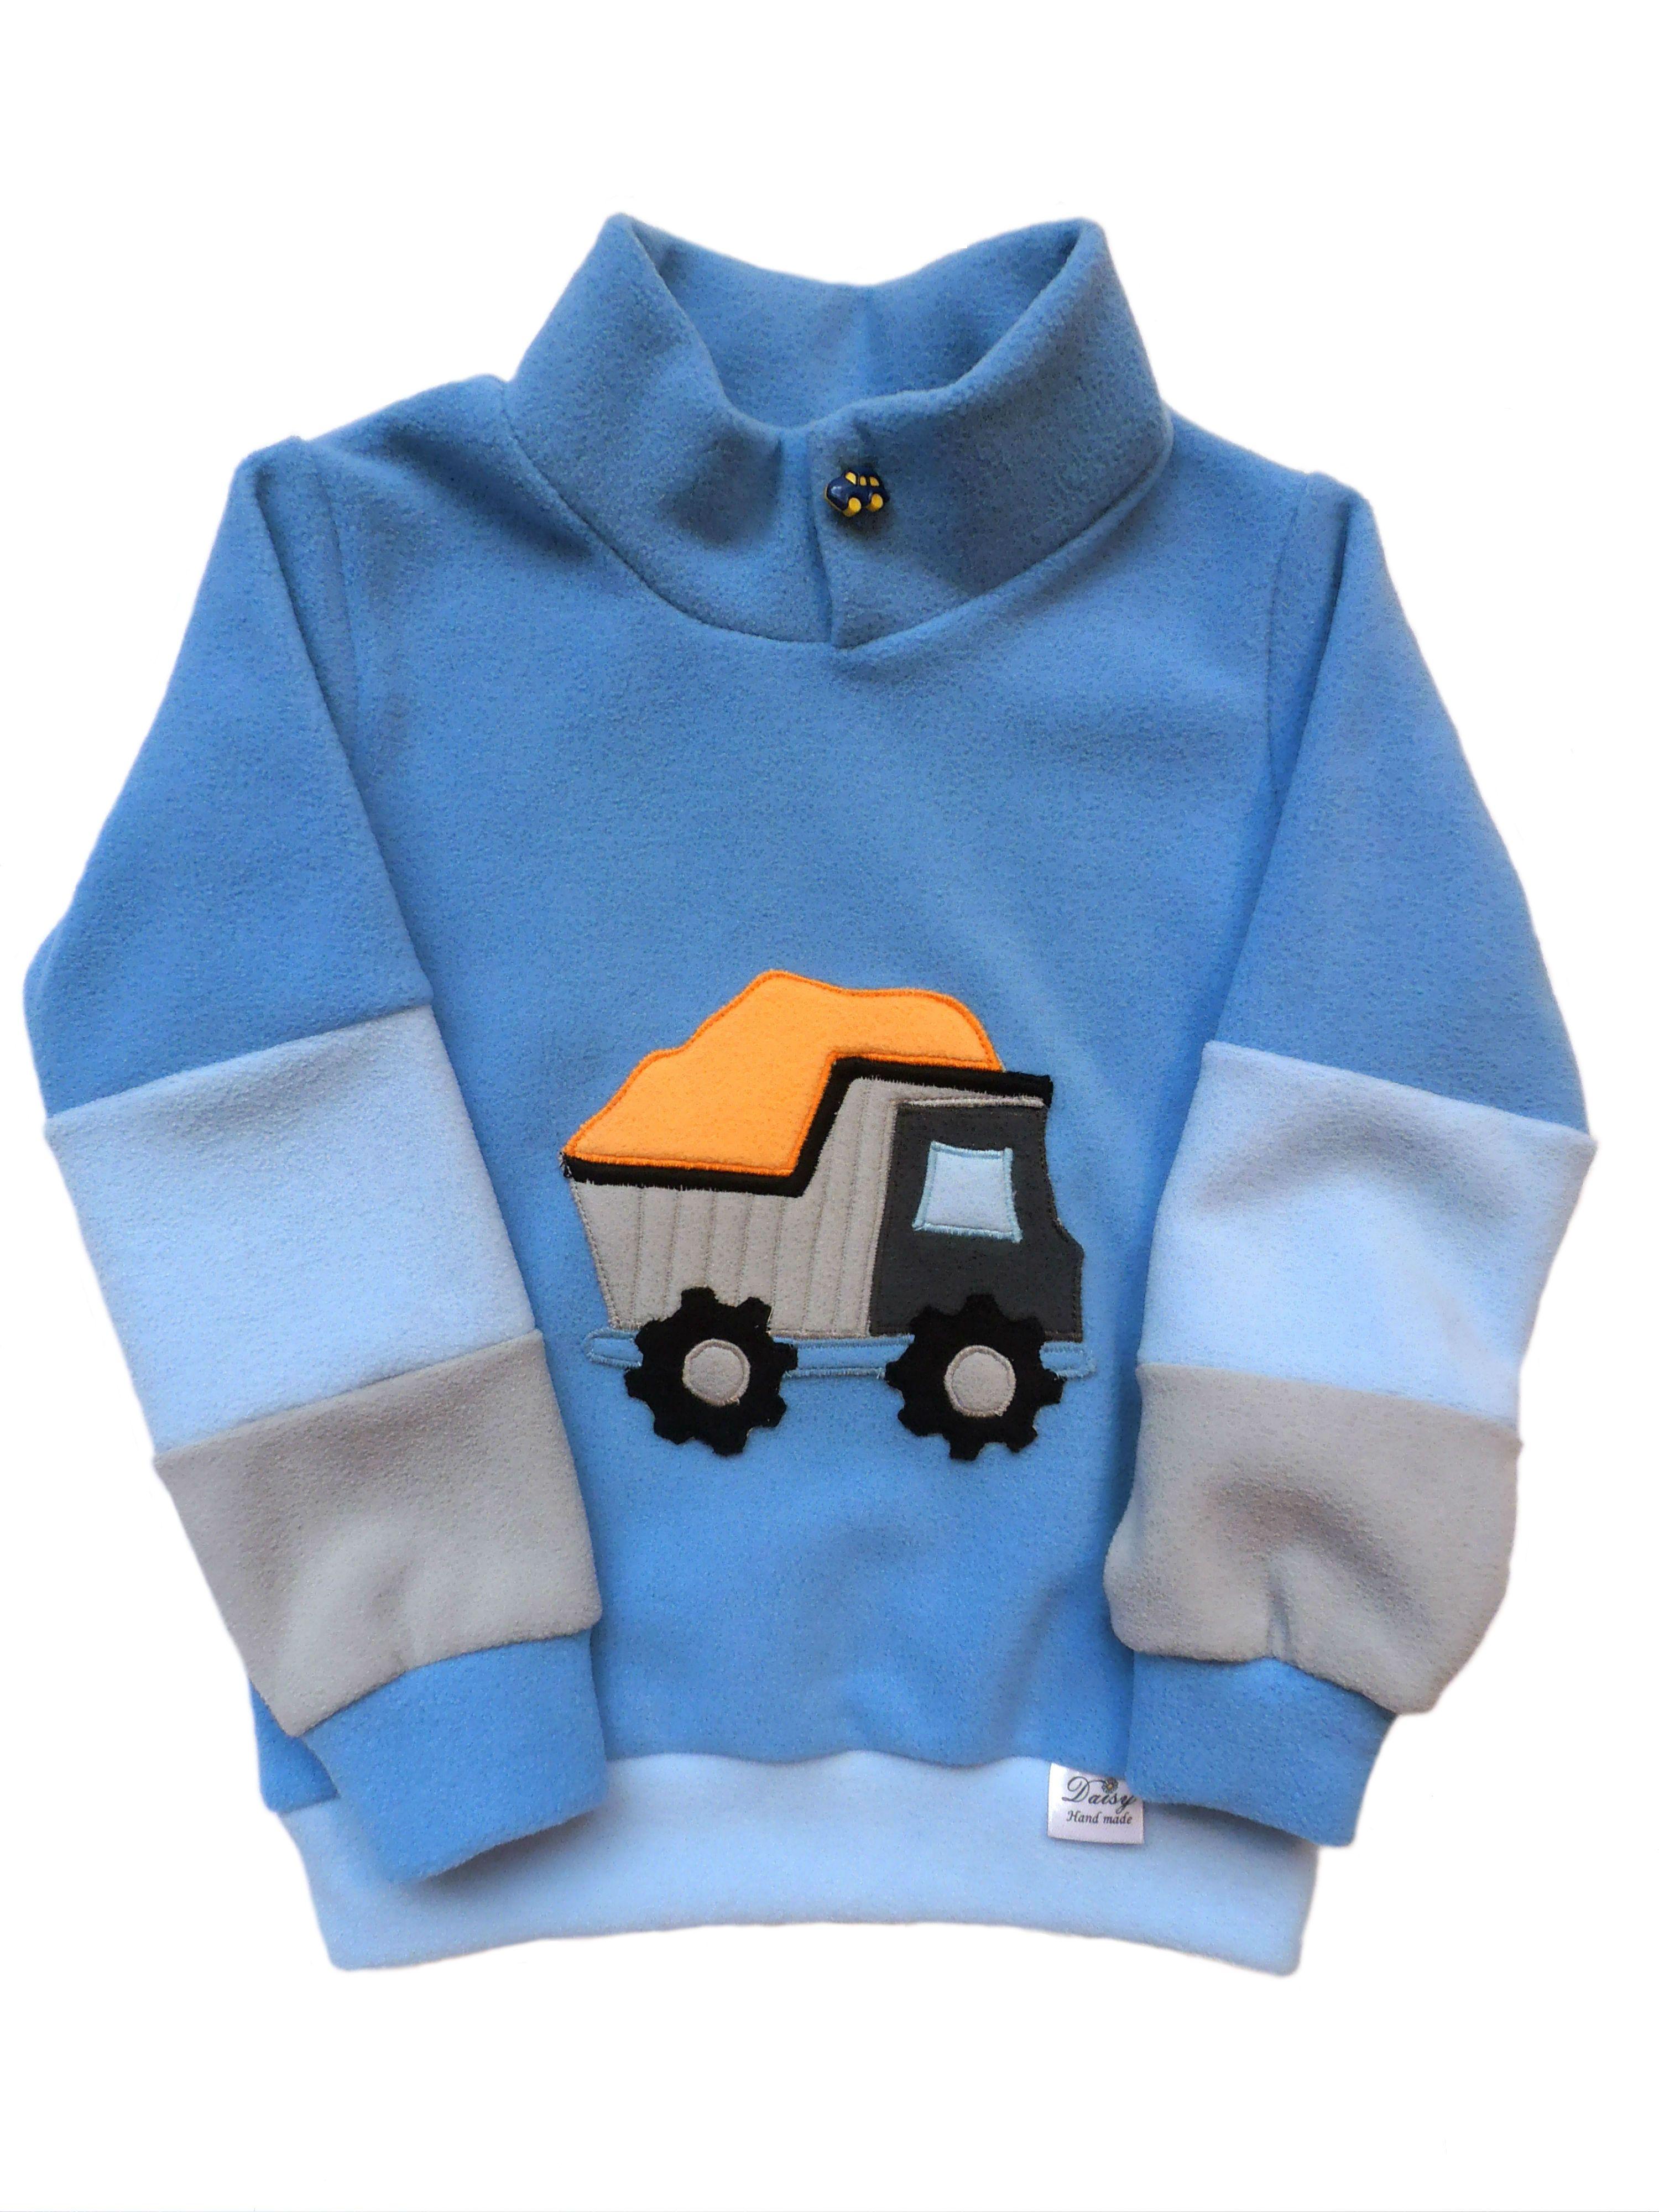 Dětská mikina auto. Fleece s antipillingovou úpravou proti žmolkování a s  tepelně izolačními vlastnostmi (termoizolační 363f5f14fe9